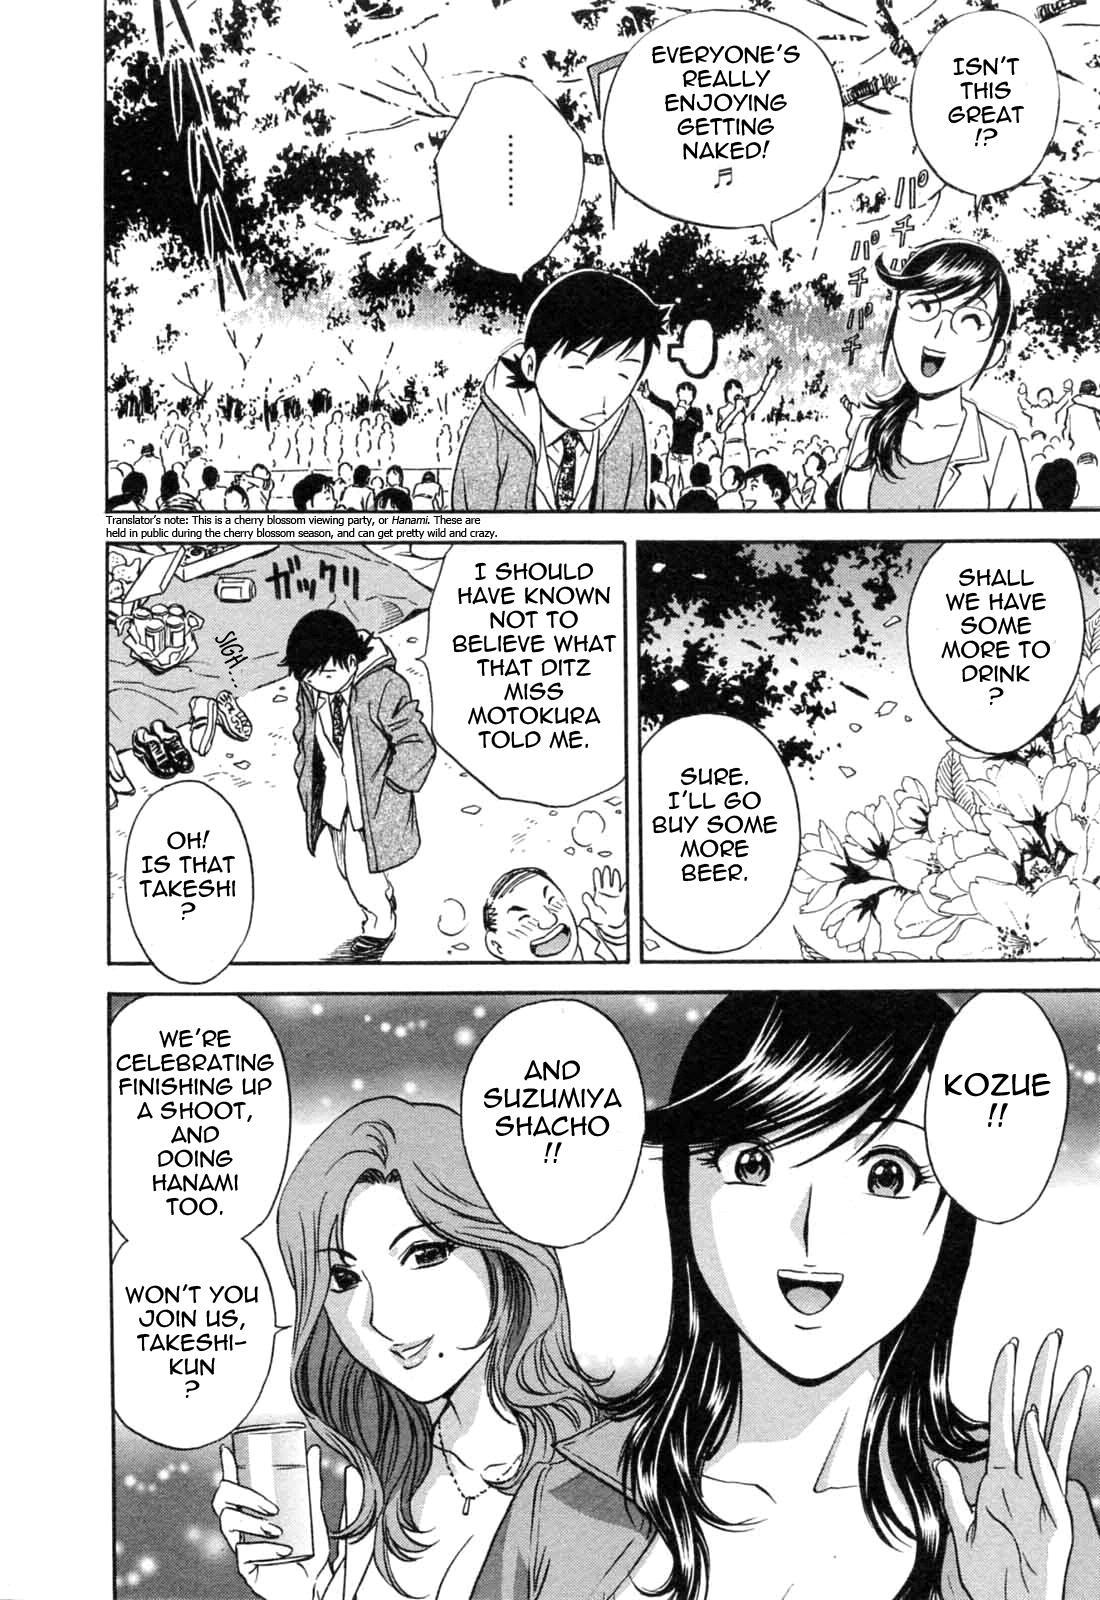 [Hidemaru] Mo-Retsu! Boin Sensei (Boing Boing Teacher) Vol.5 [English] [4dawgz] [Tadanohito] 57